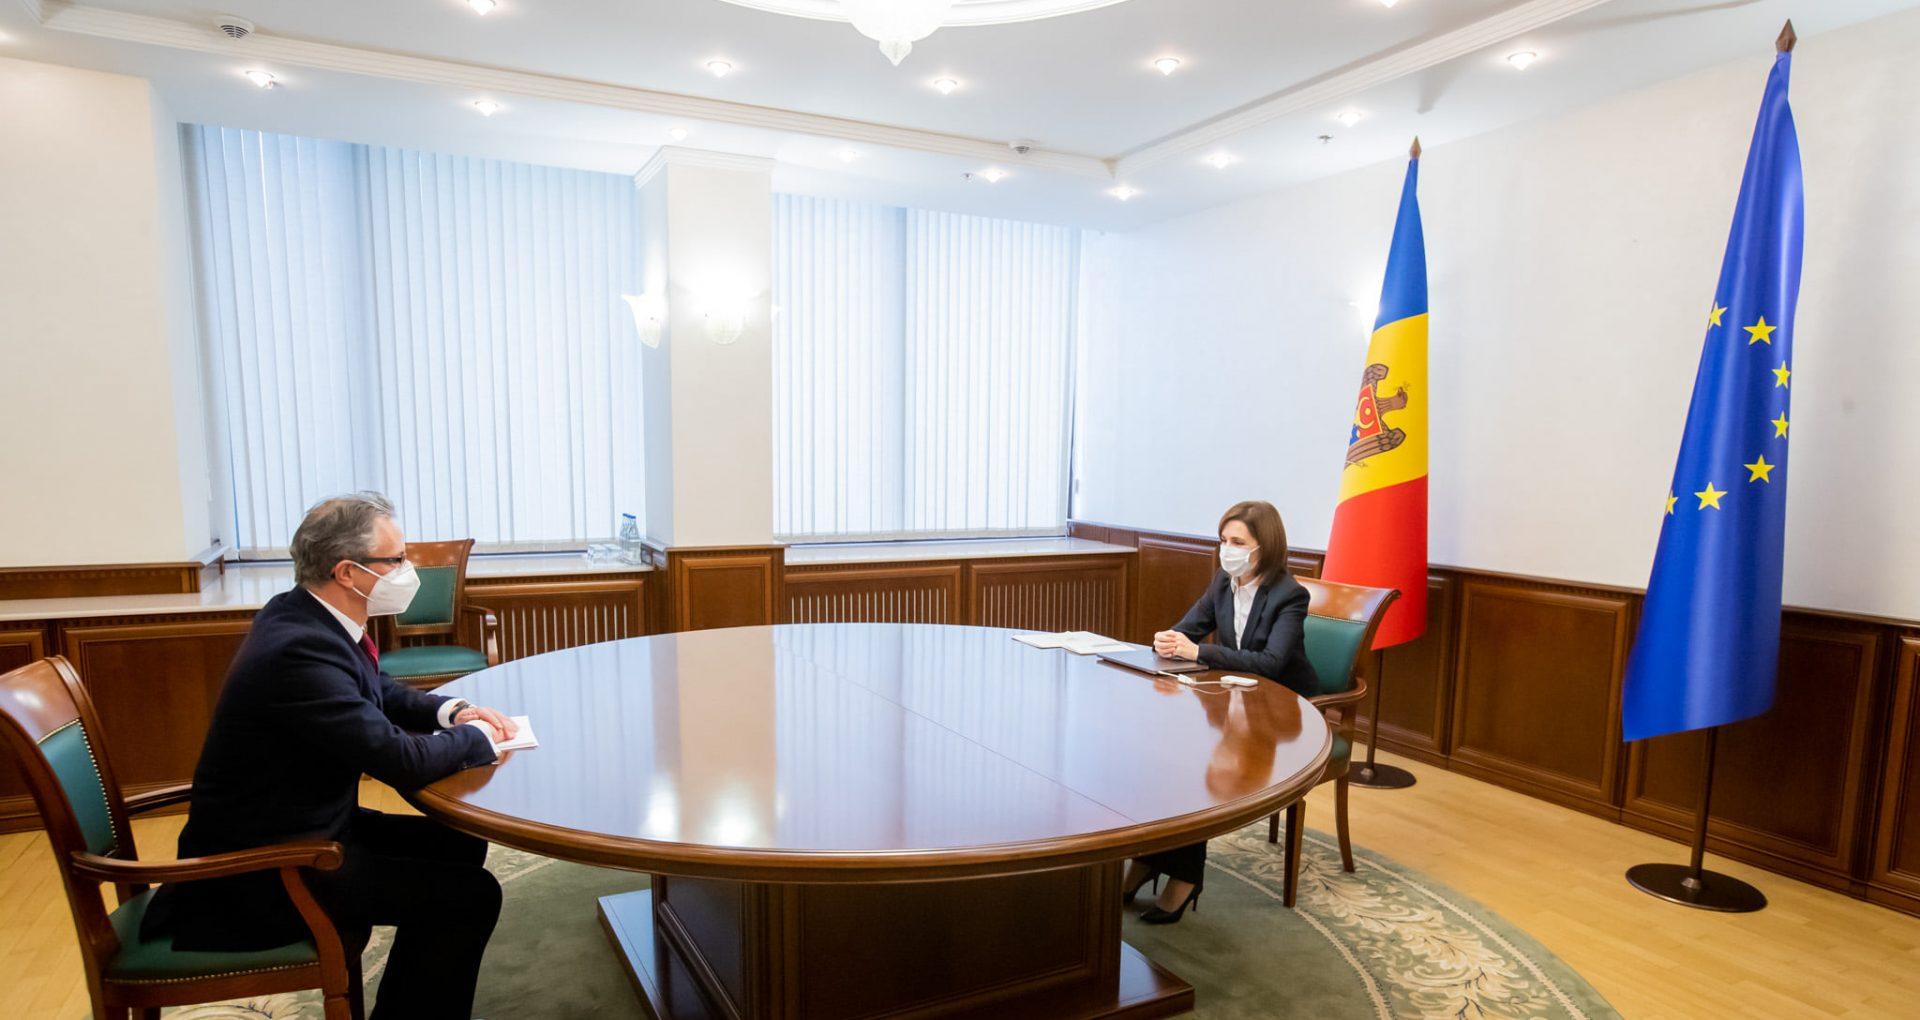 """Președinta Sandu, la discuții cu șeful Misiunii OSCE în R. Moldova: """"Între locuitorii de pe cele două maluri nu există niciun fel de neînțelegere sau dușmănie"""""""